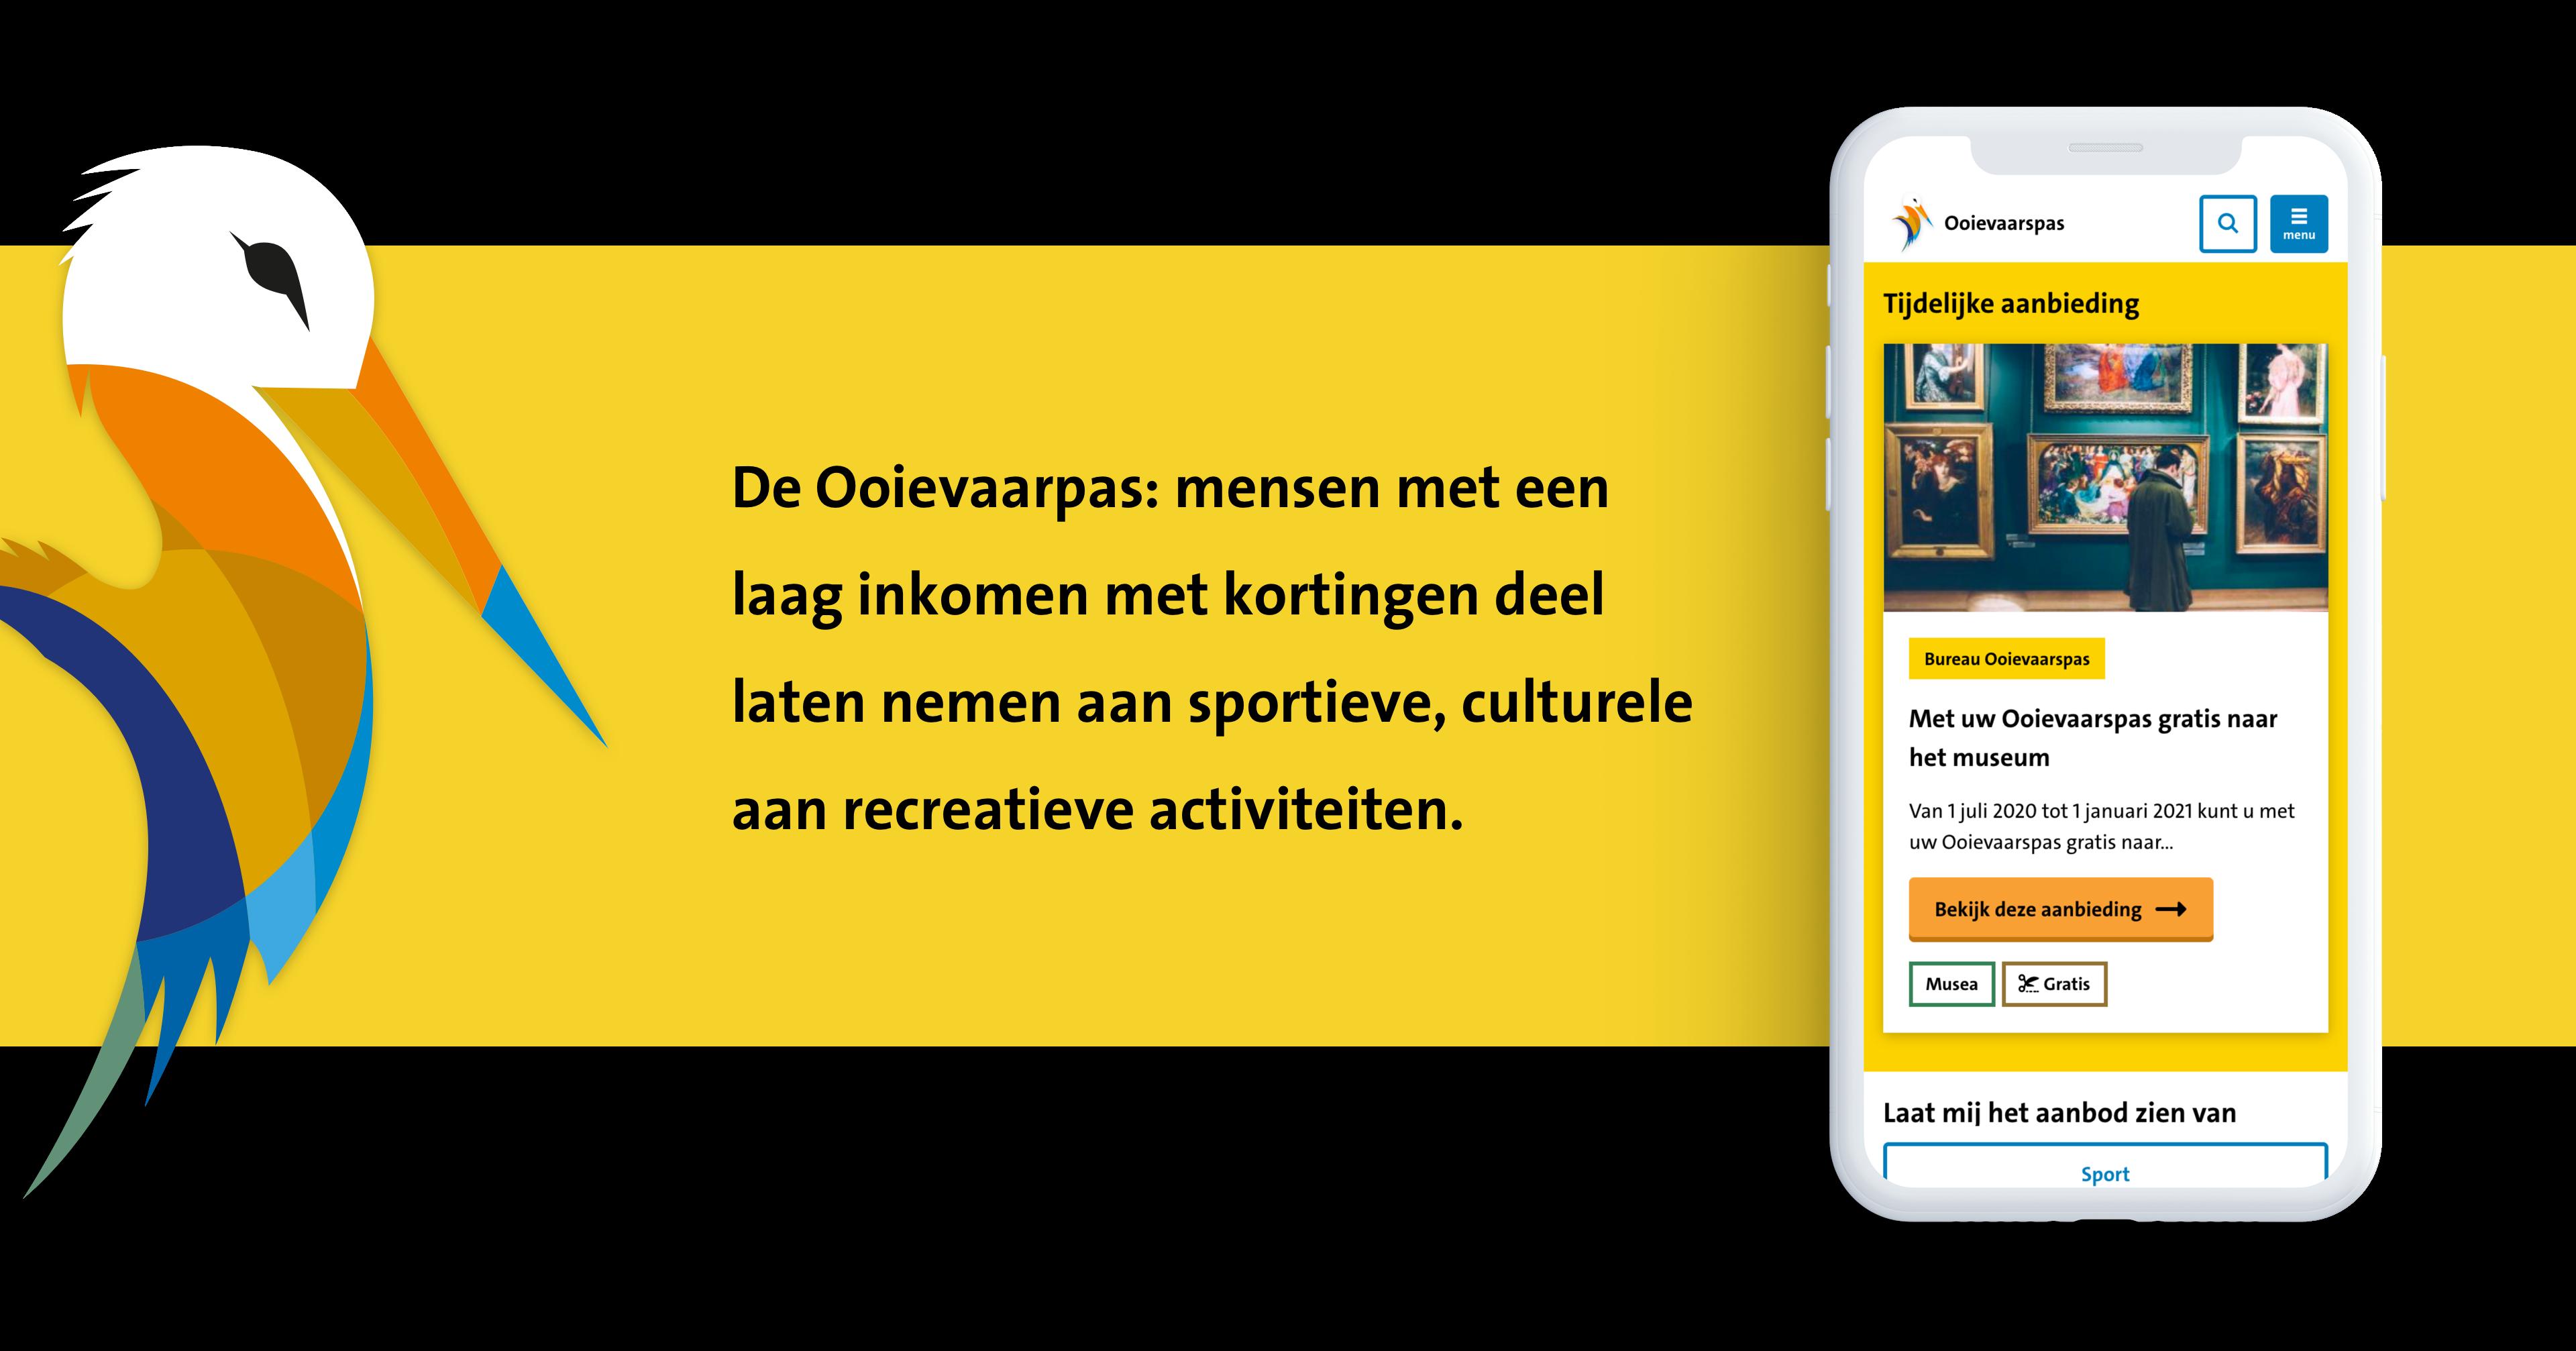 Ooievaar en mobiel scherm van de Ooievaarspas website